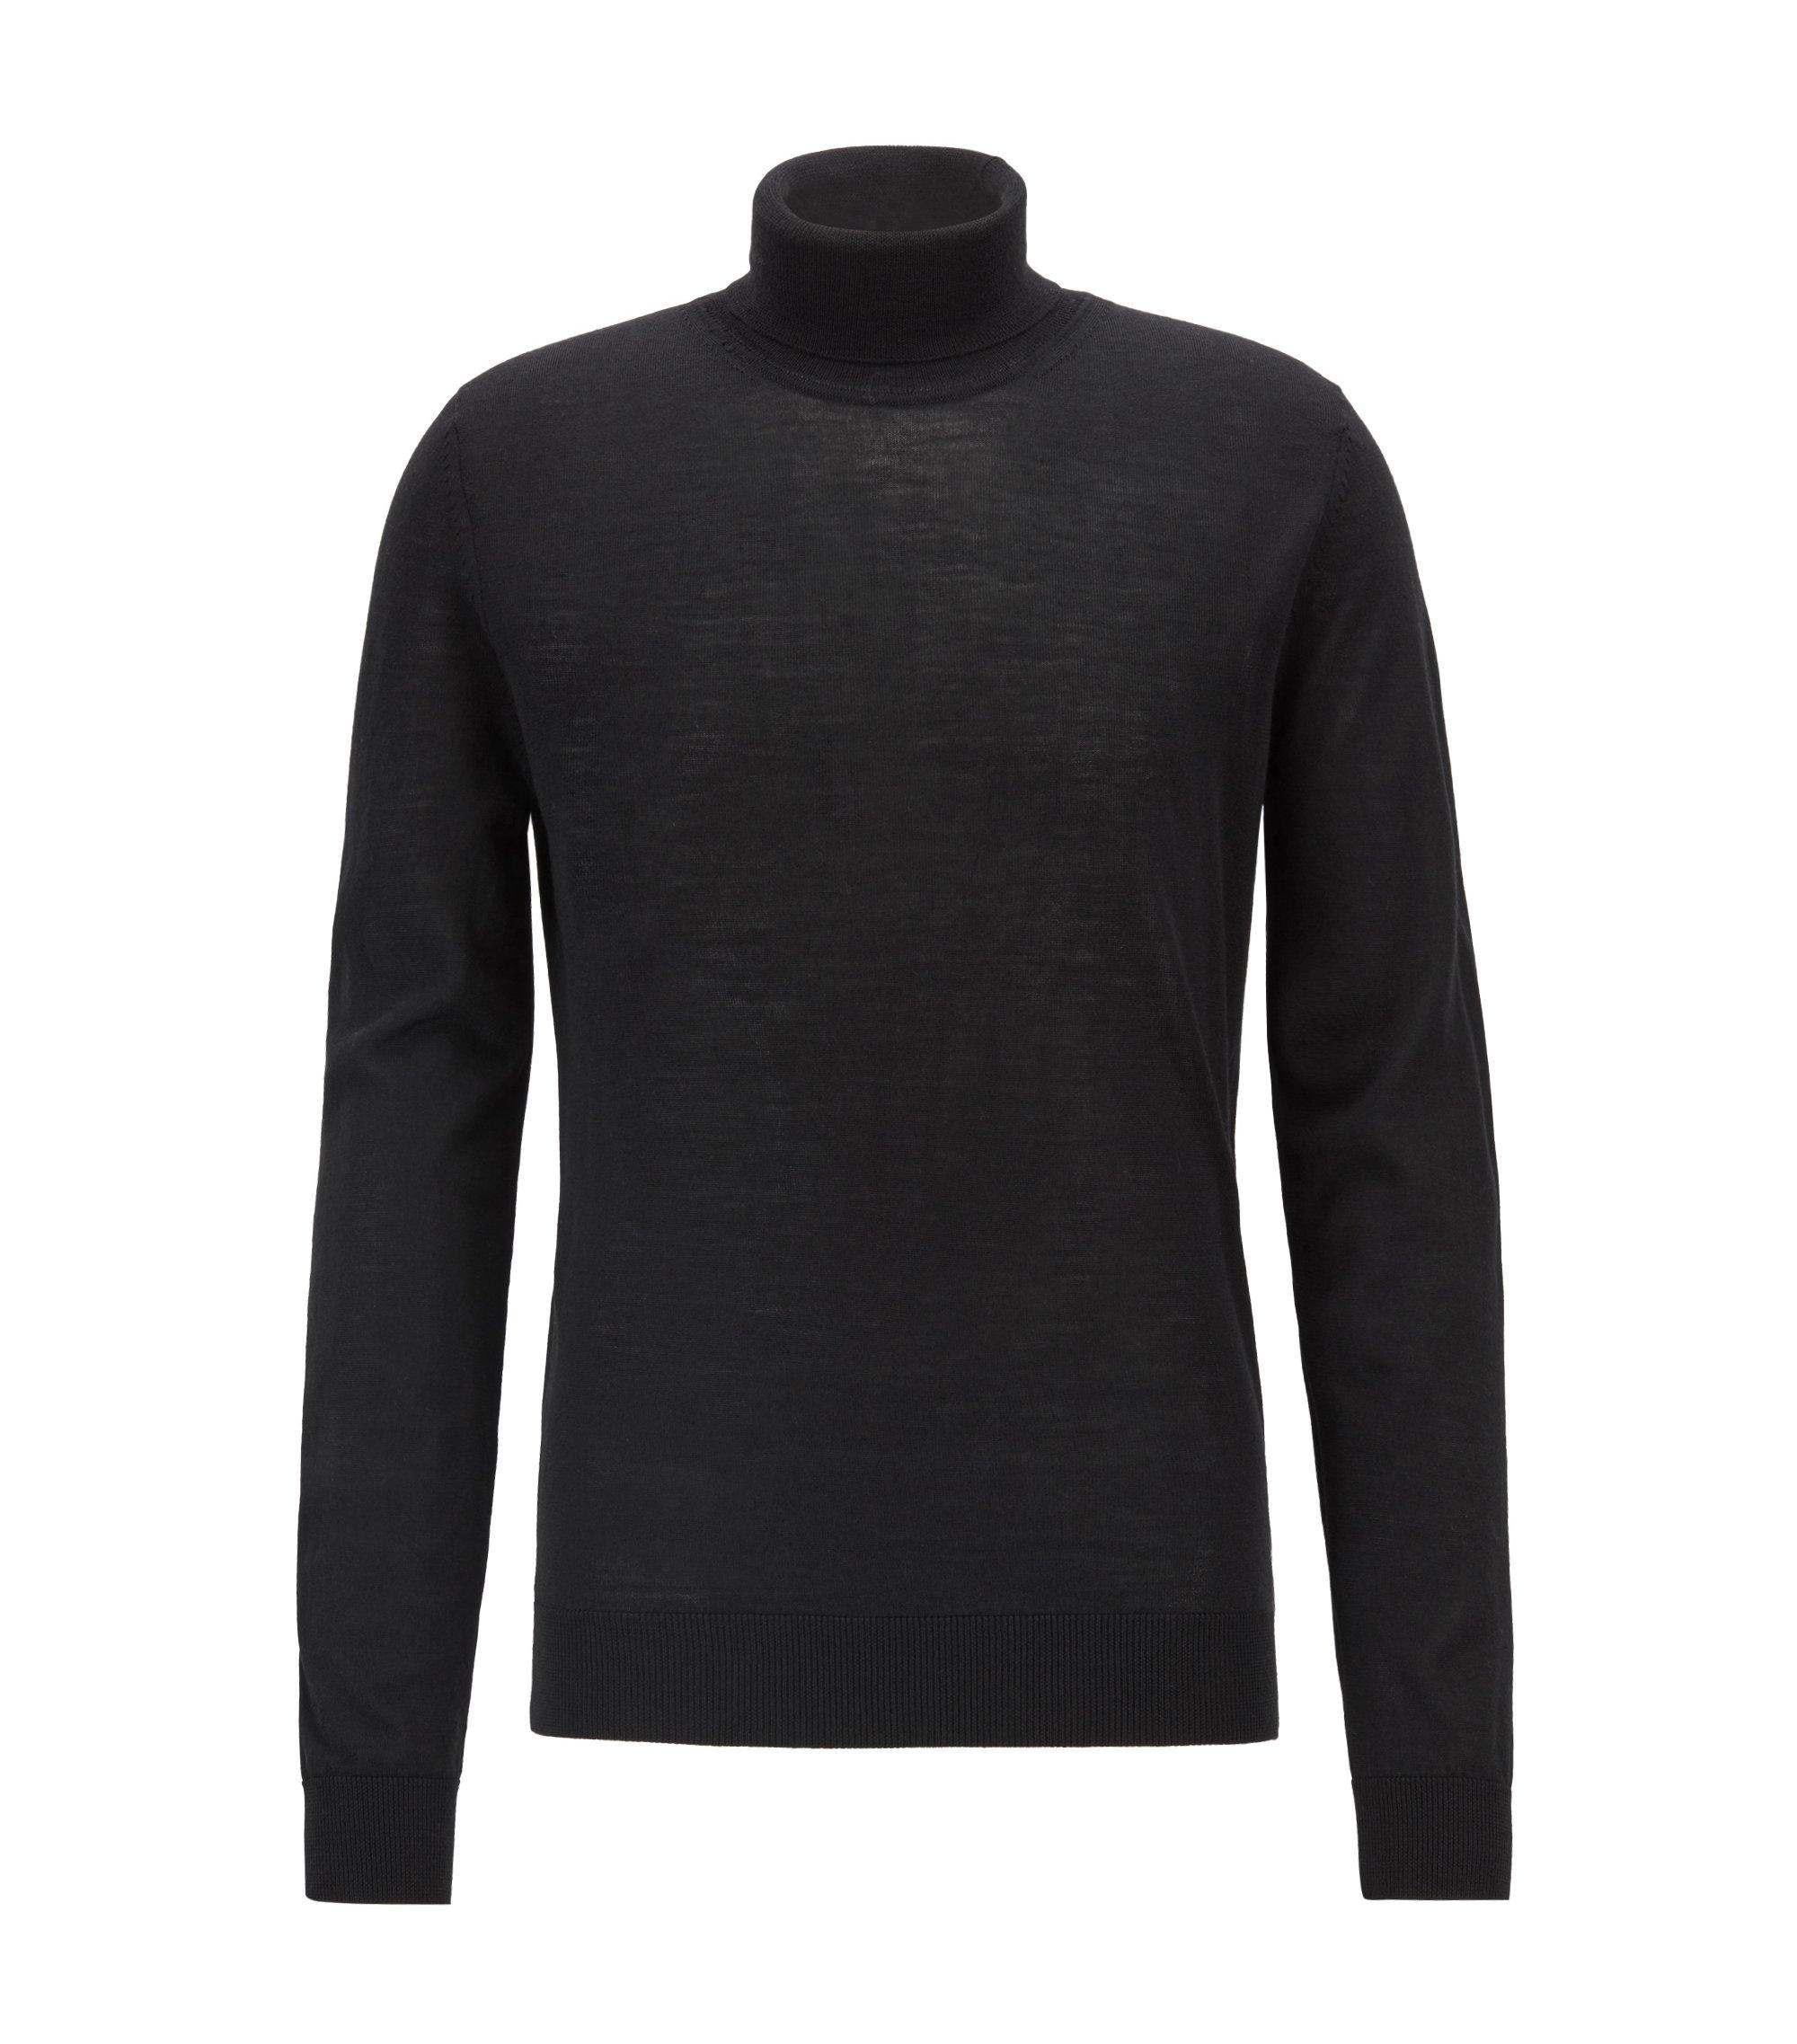 Pull dip dyed à col cheminée, en laine vierge mélangée à de la soie, Noir